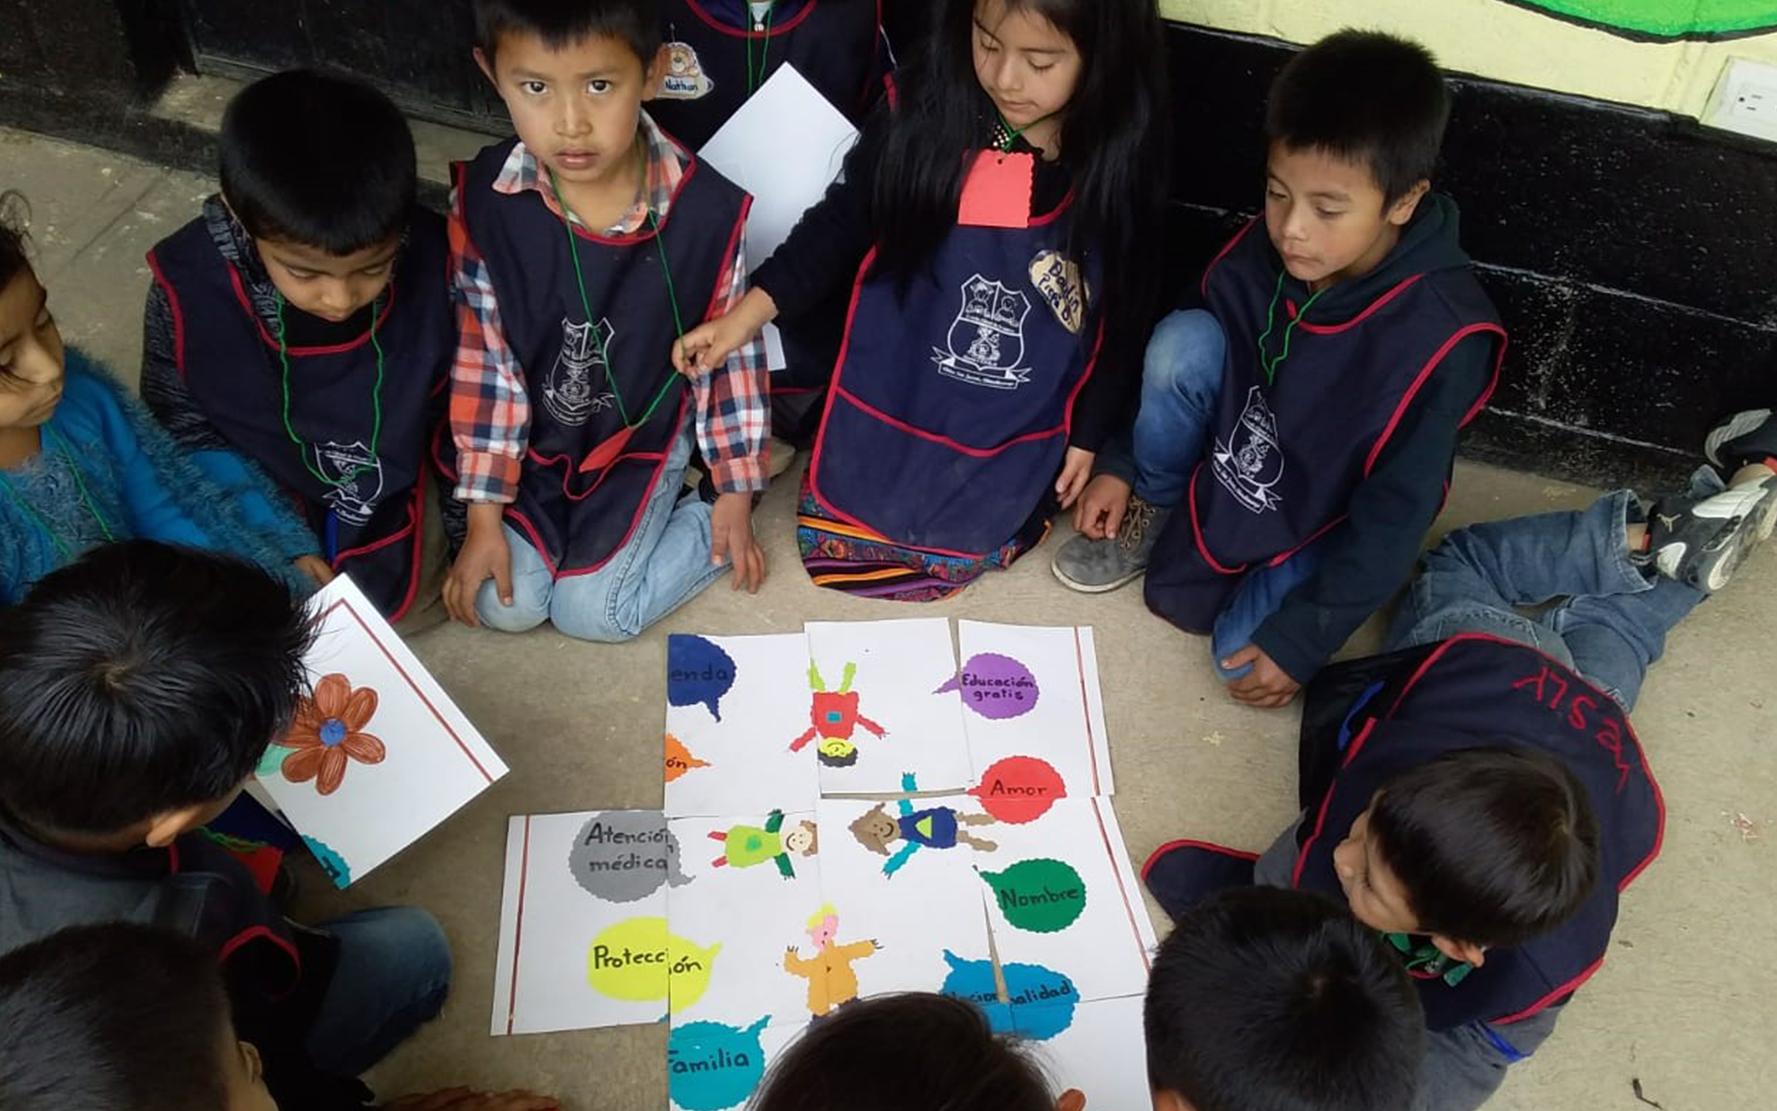 Estudiantes de la Aldea San Jacinto, Chimaltenango, conocen la Ley de Protección Integral de la Niñez y Adolescencia -LEYPINA-